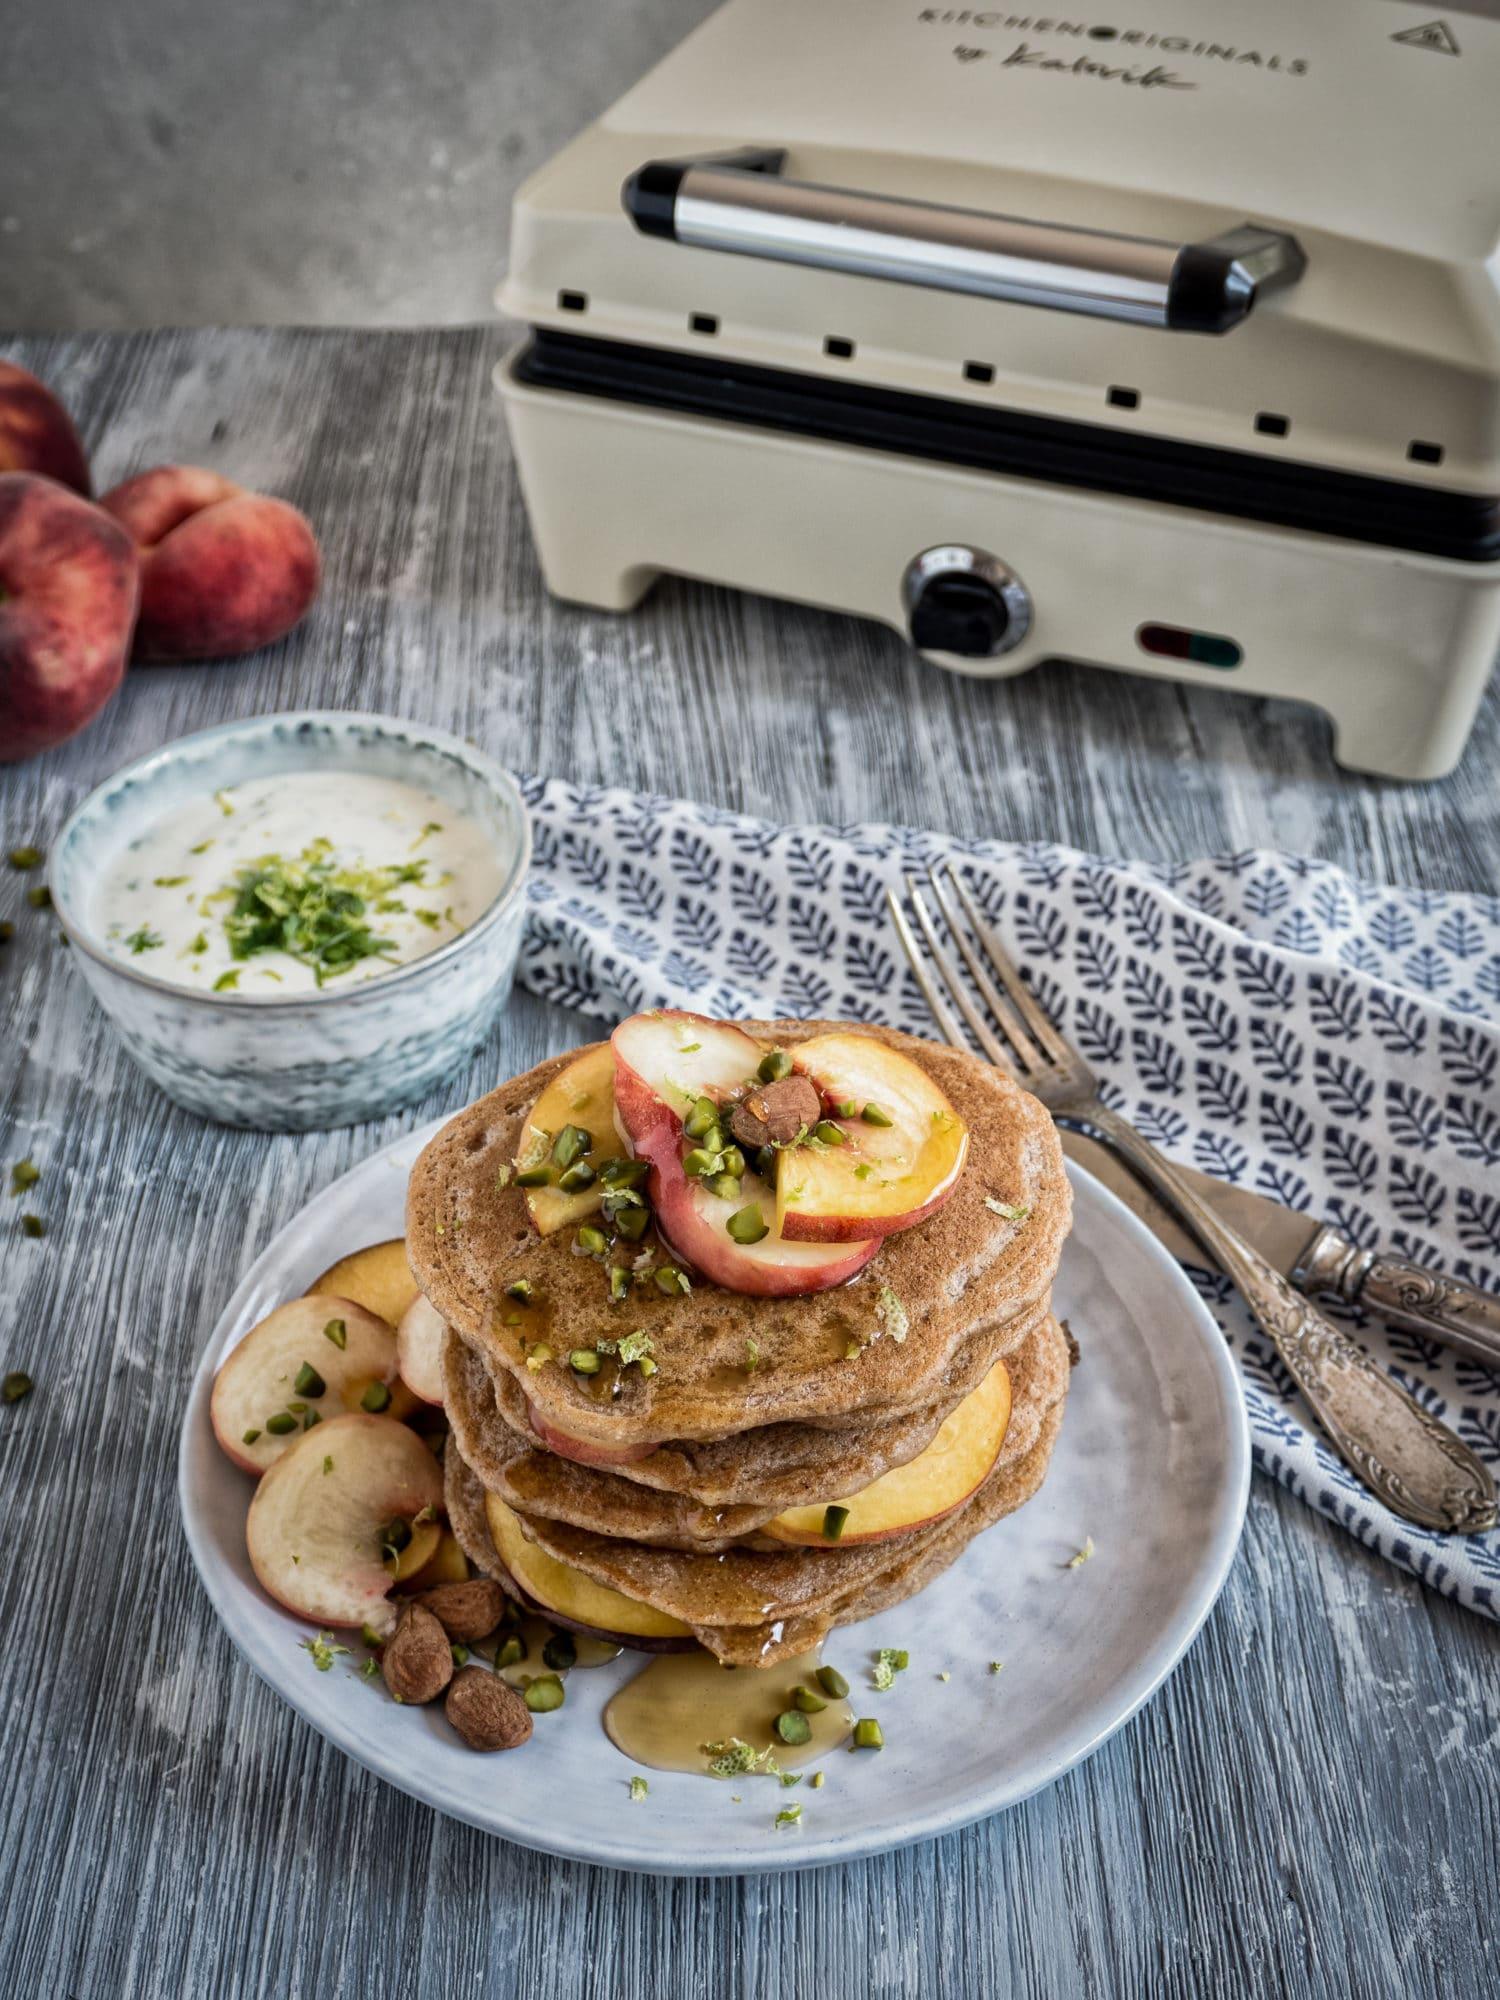 """Vegane """"Buttermilch"""" Pancakes mit Pfirsich und Zitronenmelissen Joghurt aus dem Efbe Gourmet Chef"""